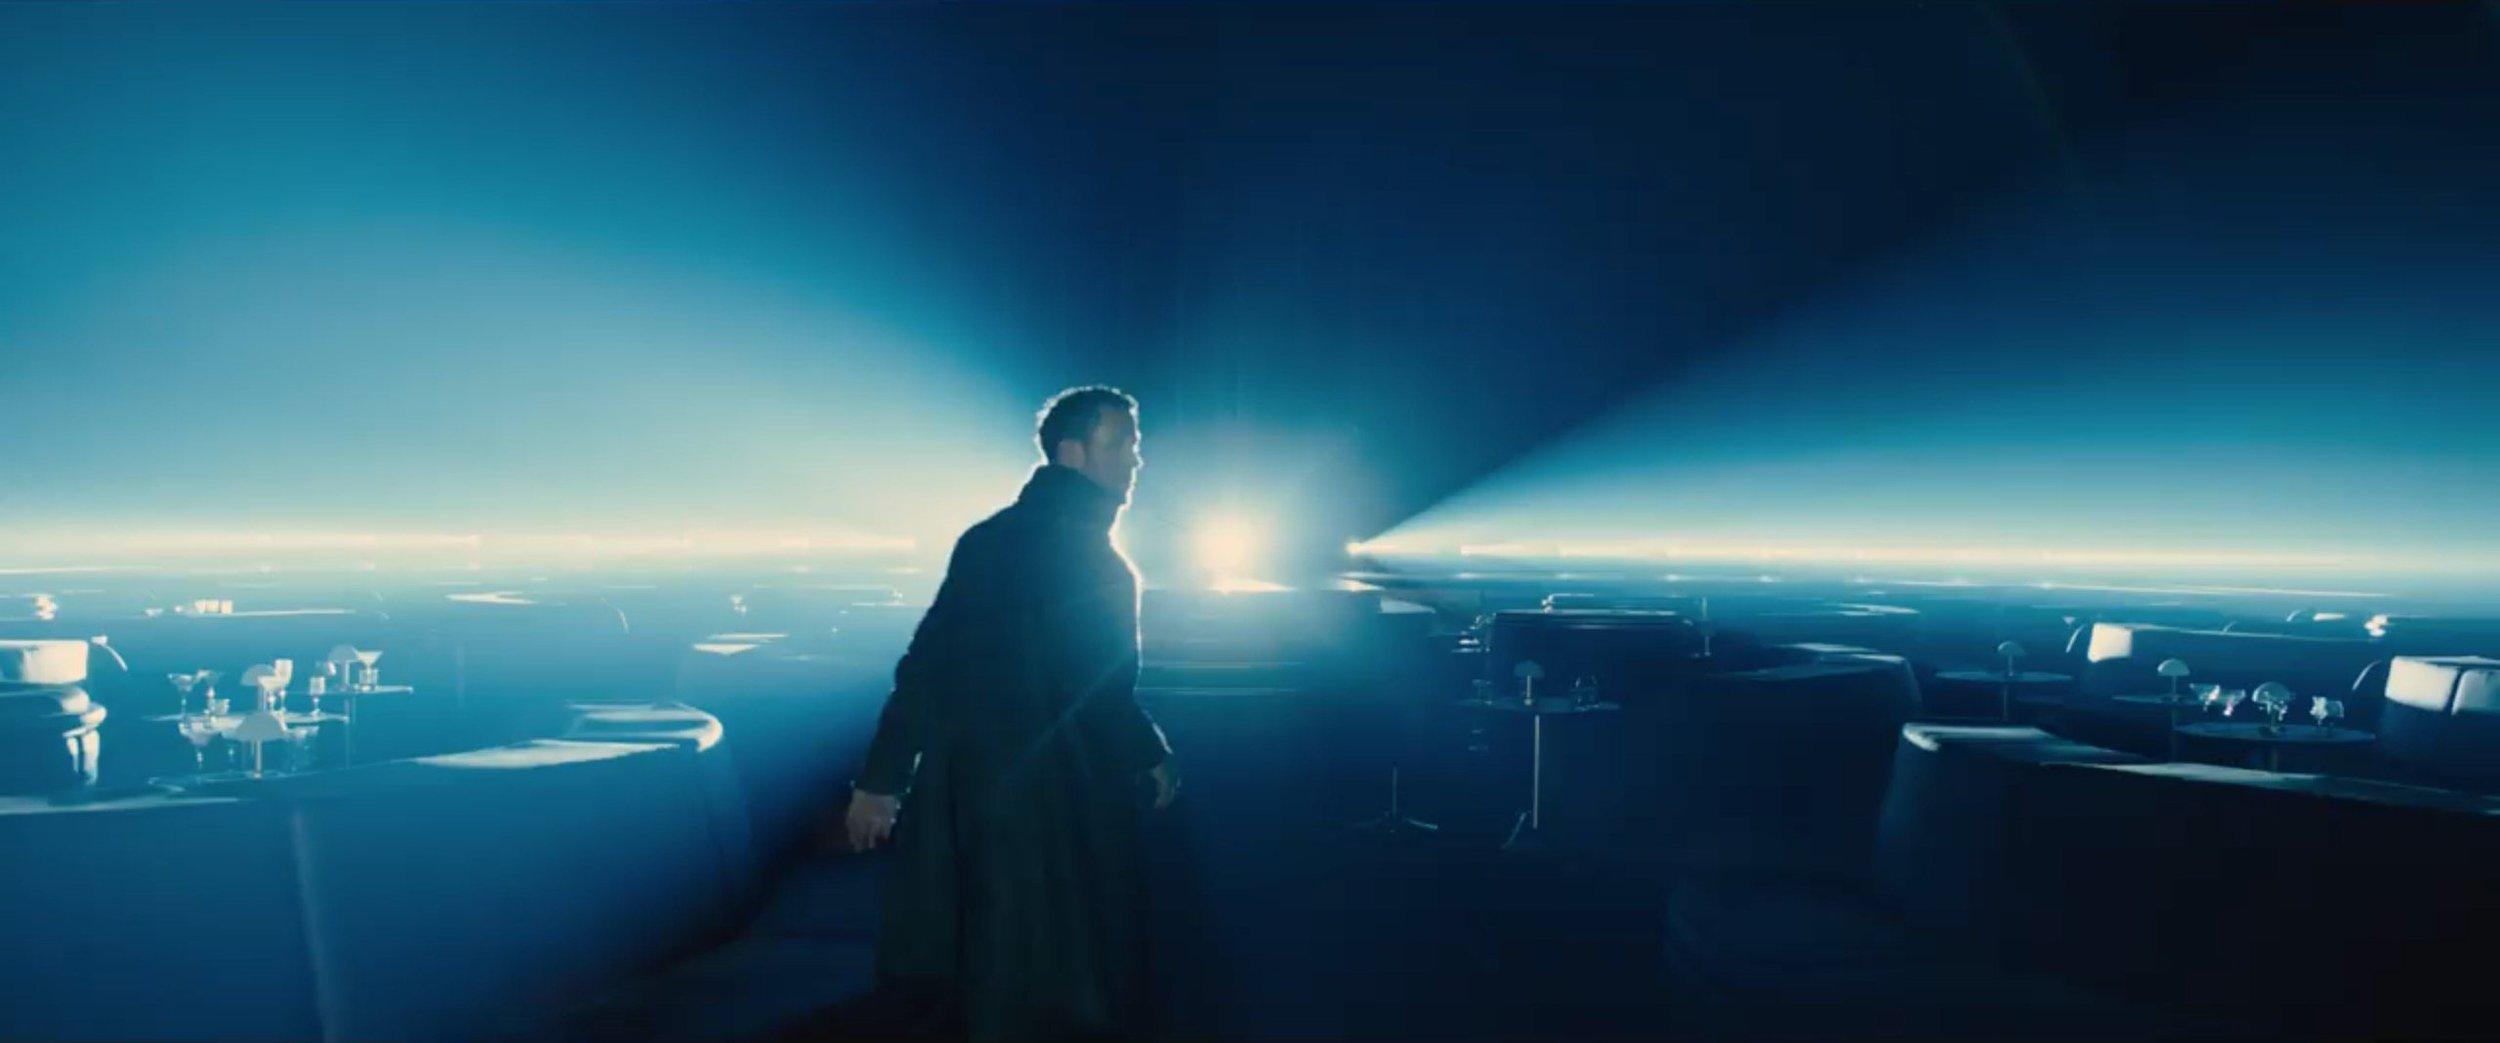 Blade-Runner-2049-trailer-breakdown-33.jpg